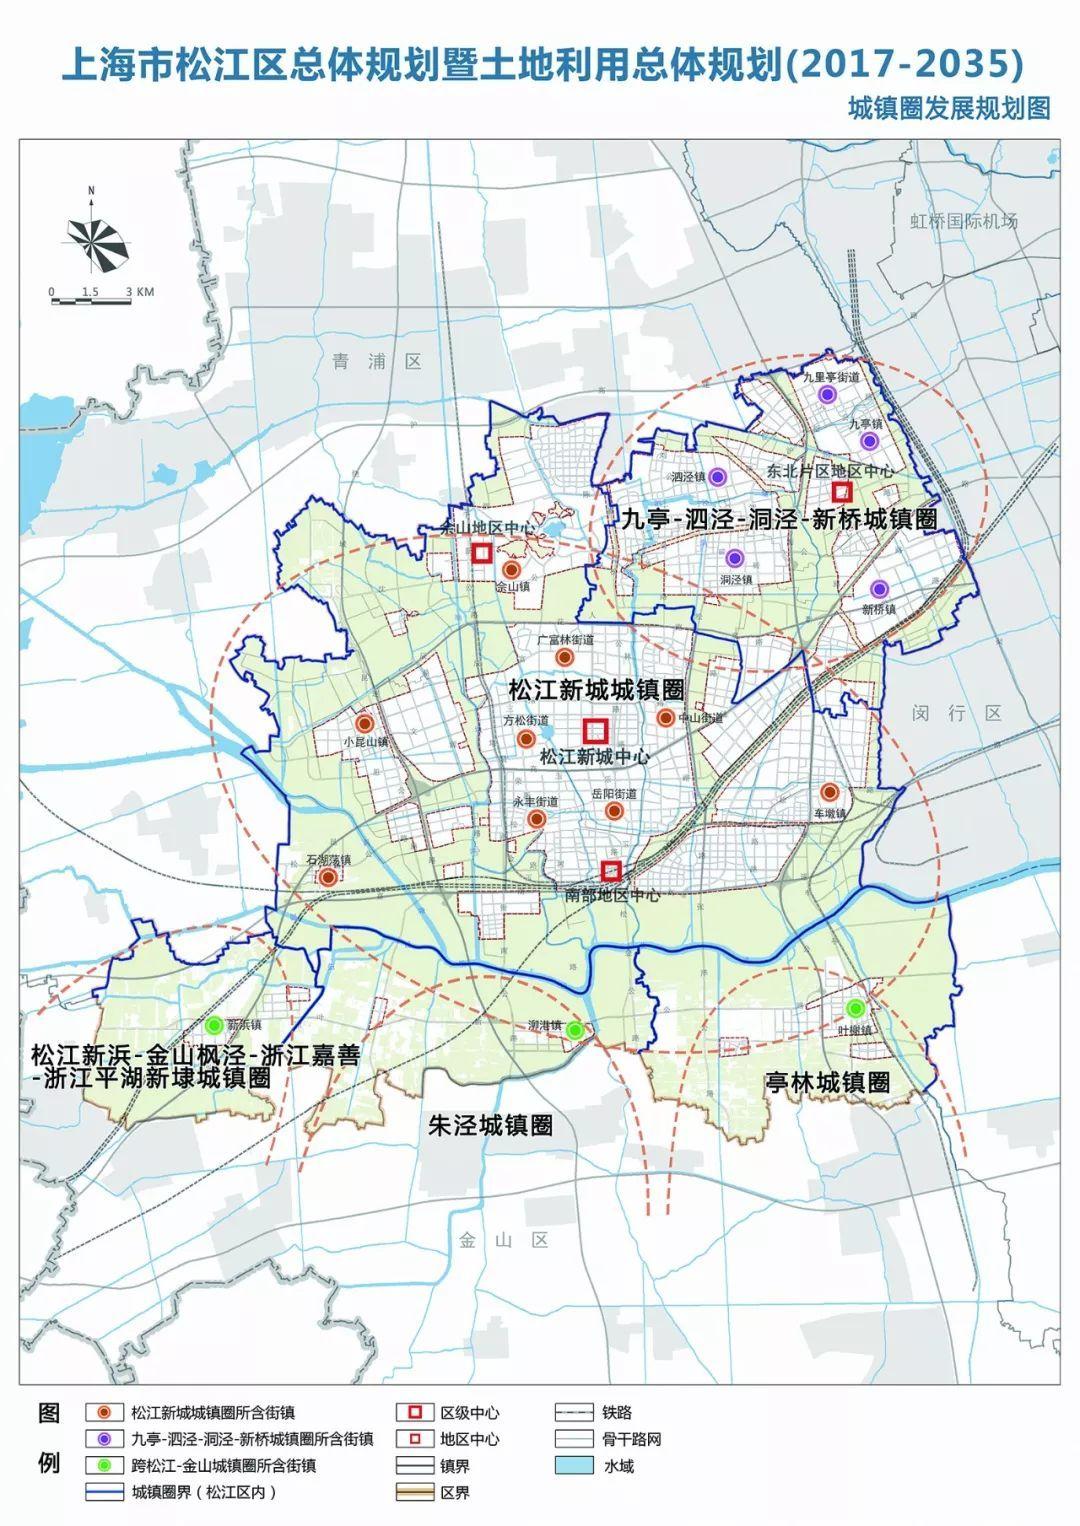 2035亭林新城规划图